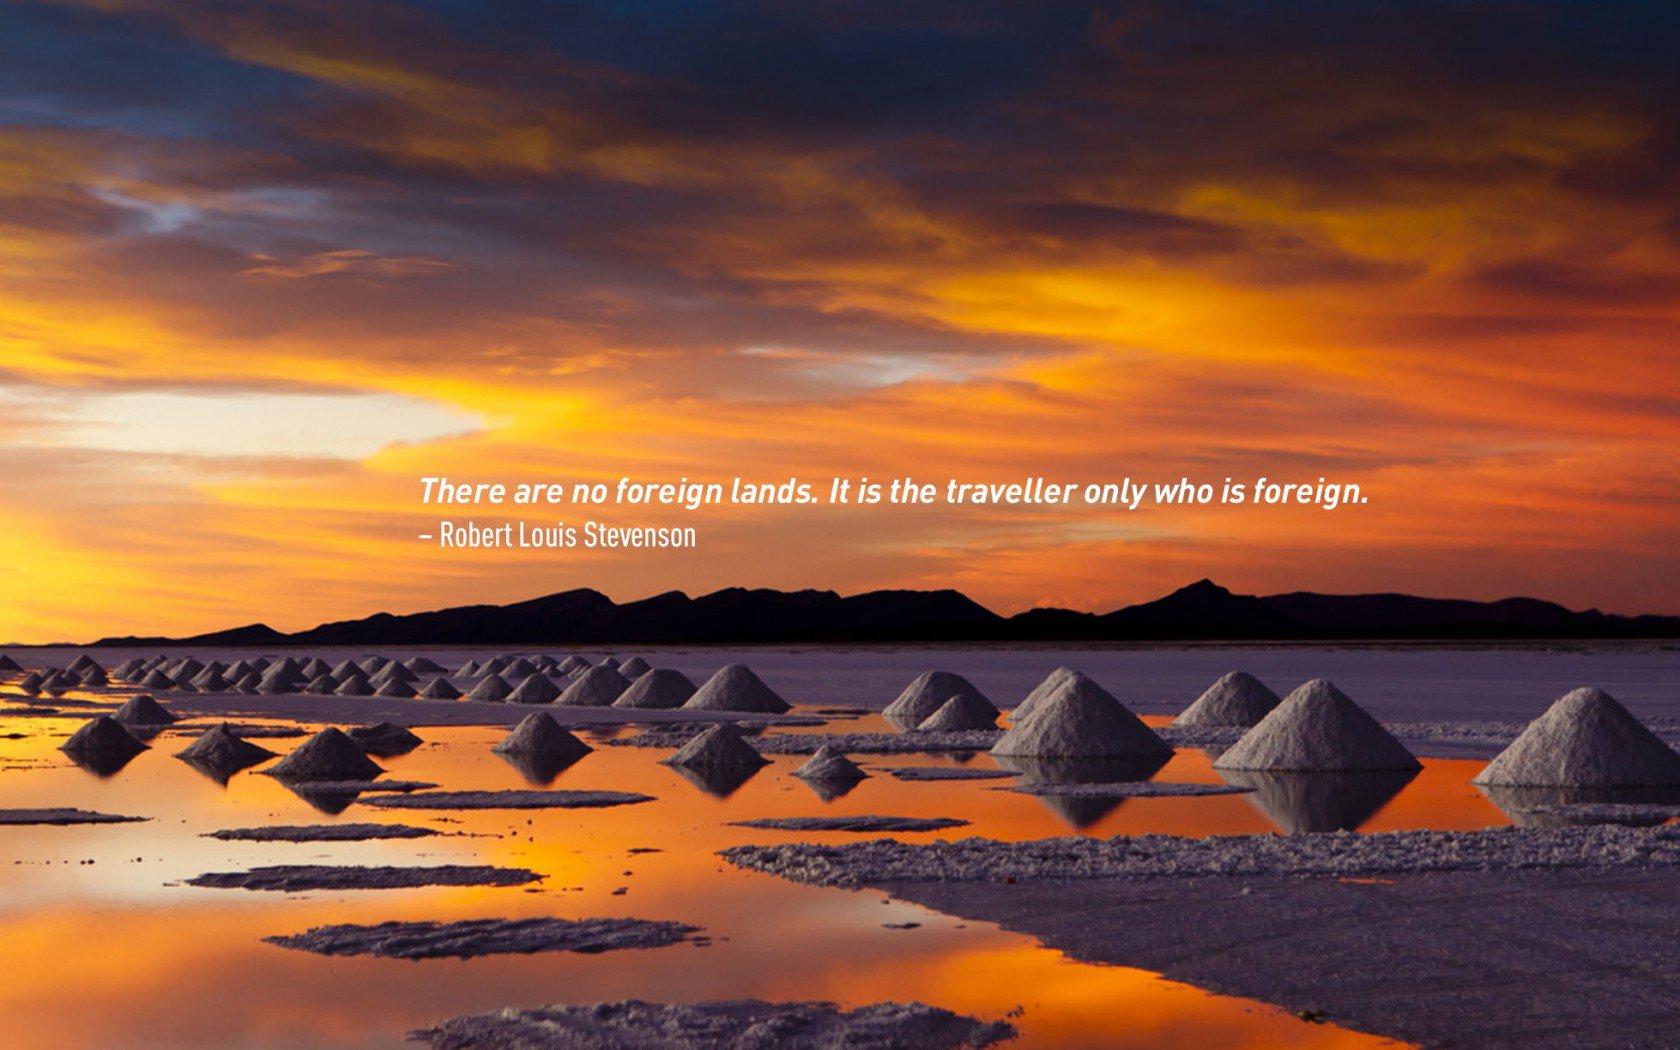 Robert Louis Stevenson, célèbre citation de voyage.